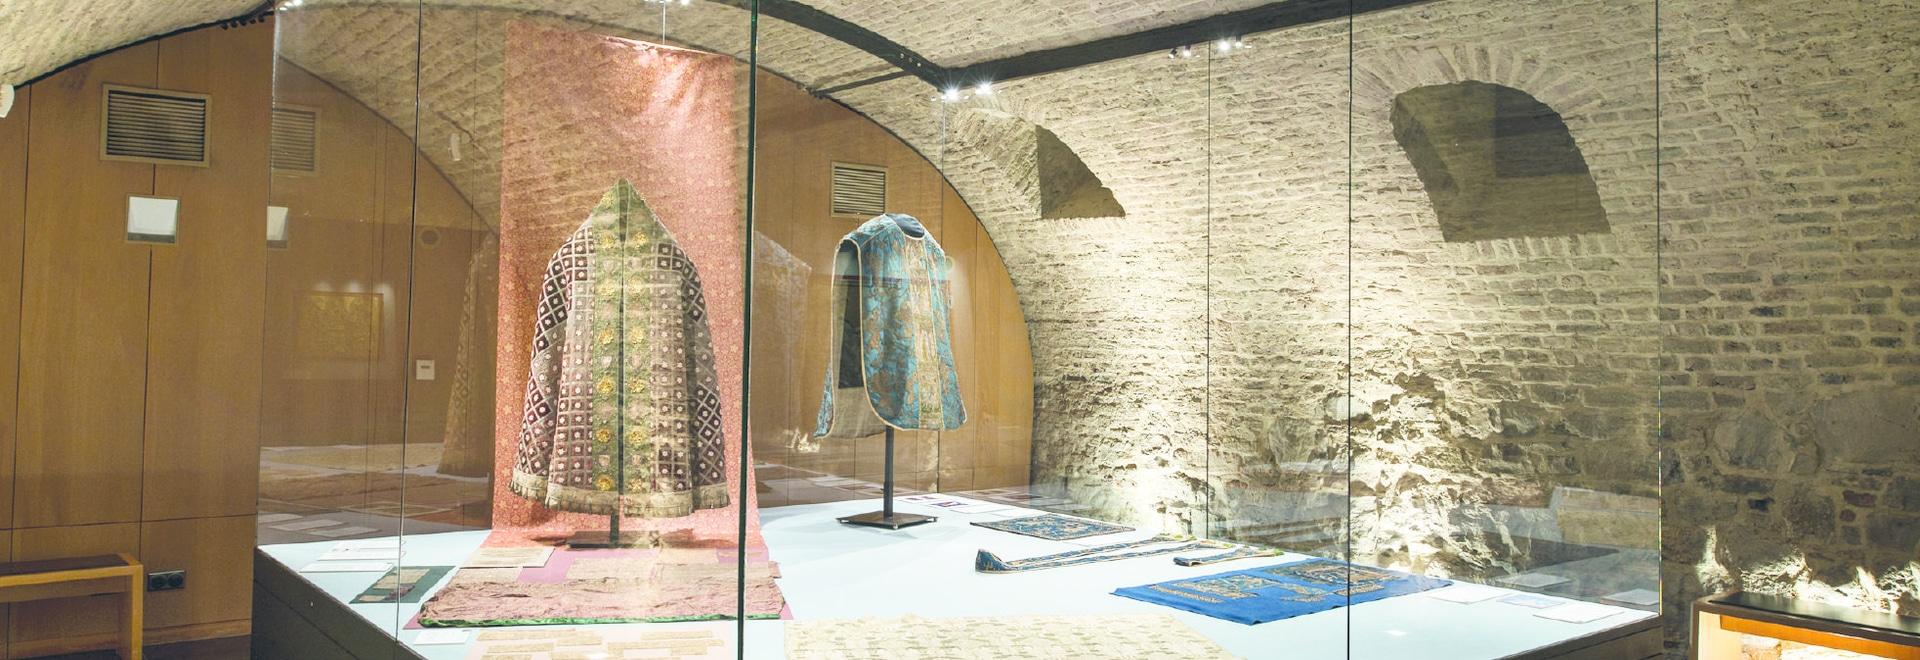 Zumtobel añade la chispa al Hacienda de la catedral de Aquisgrán